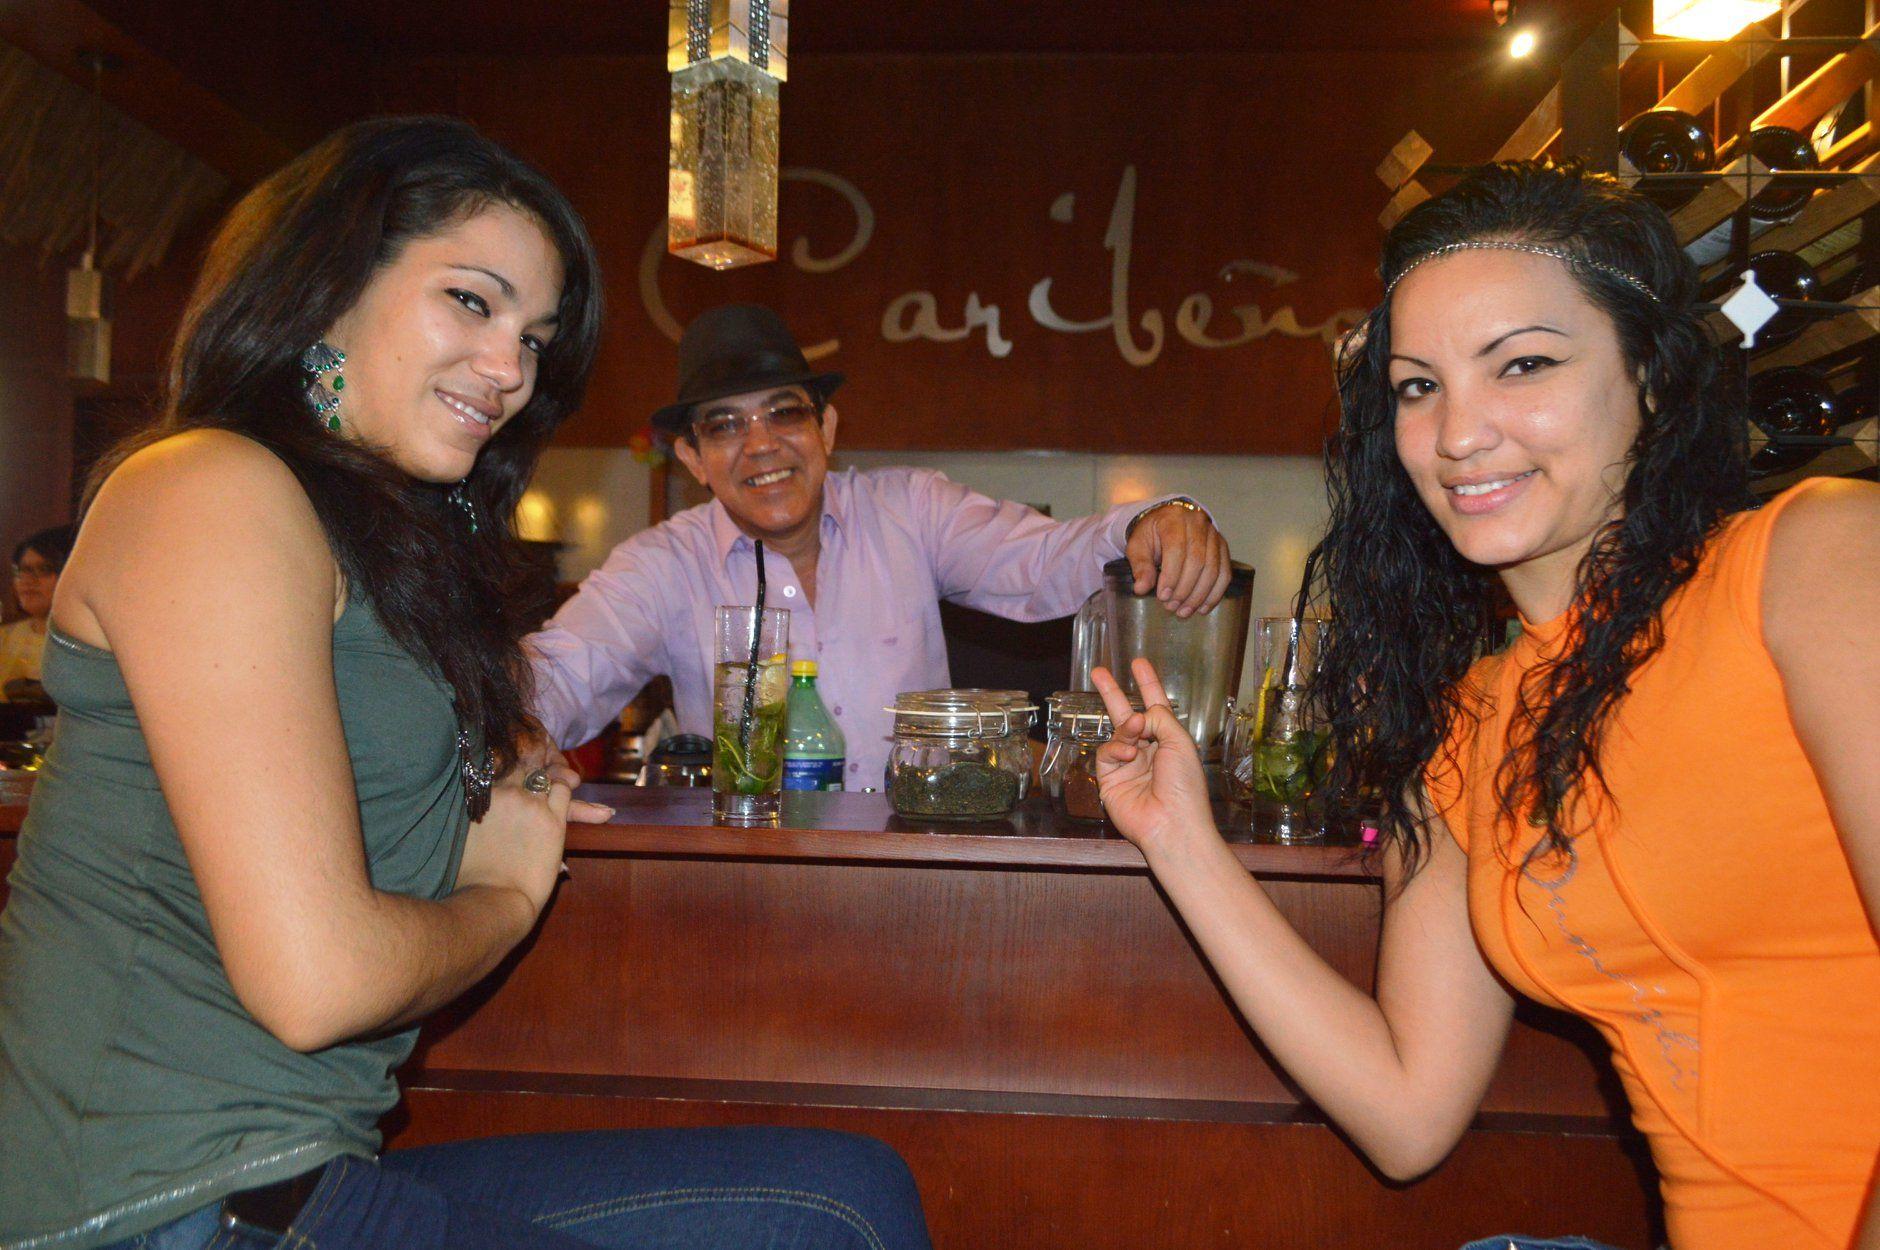 Miguel Nicolau, cuando se desempeñaba como barman del restaurante Caribeño, junto a dos bailarinas cubanas.